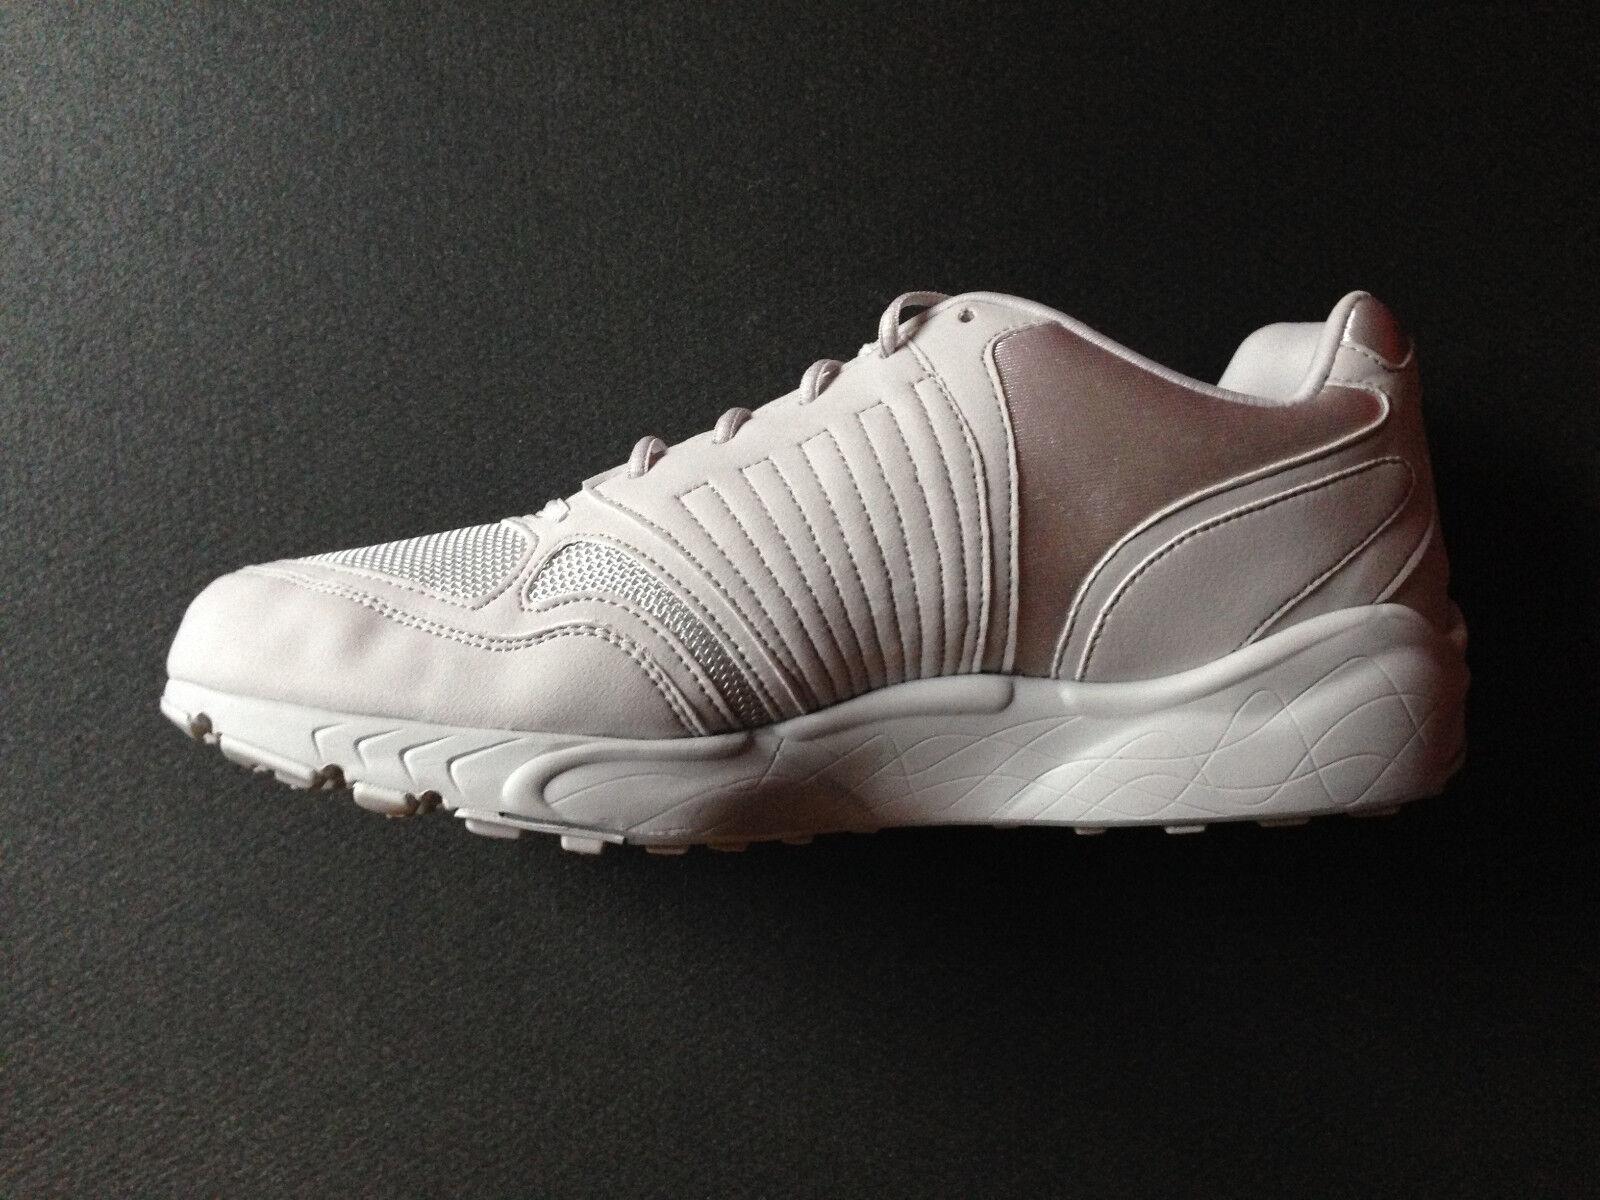 �Nike Air Air Air Zoom Talaria ´16 grau neu in Box grey new in box US 12 UK 11 EUR 46� e710e1